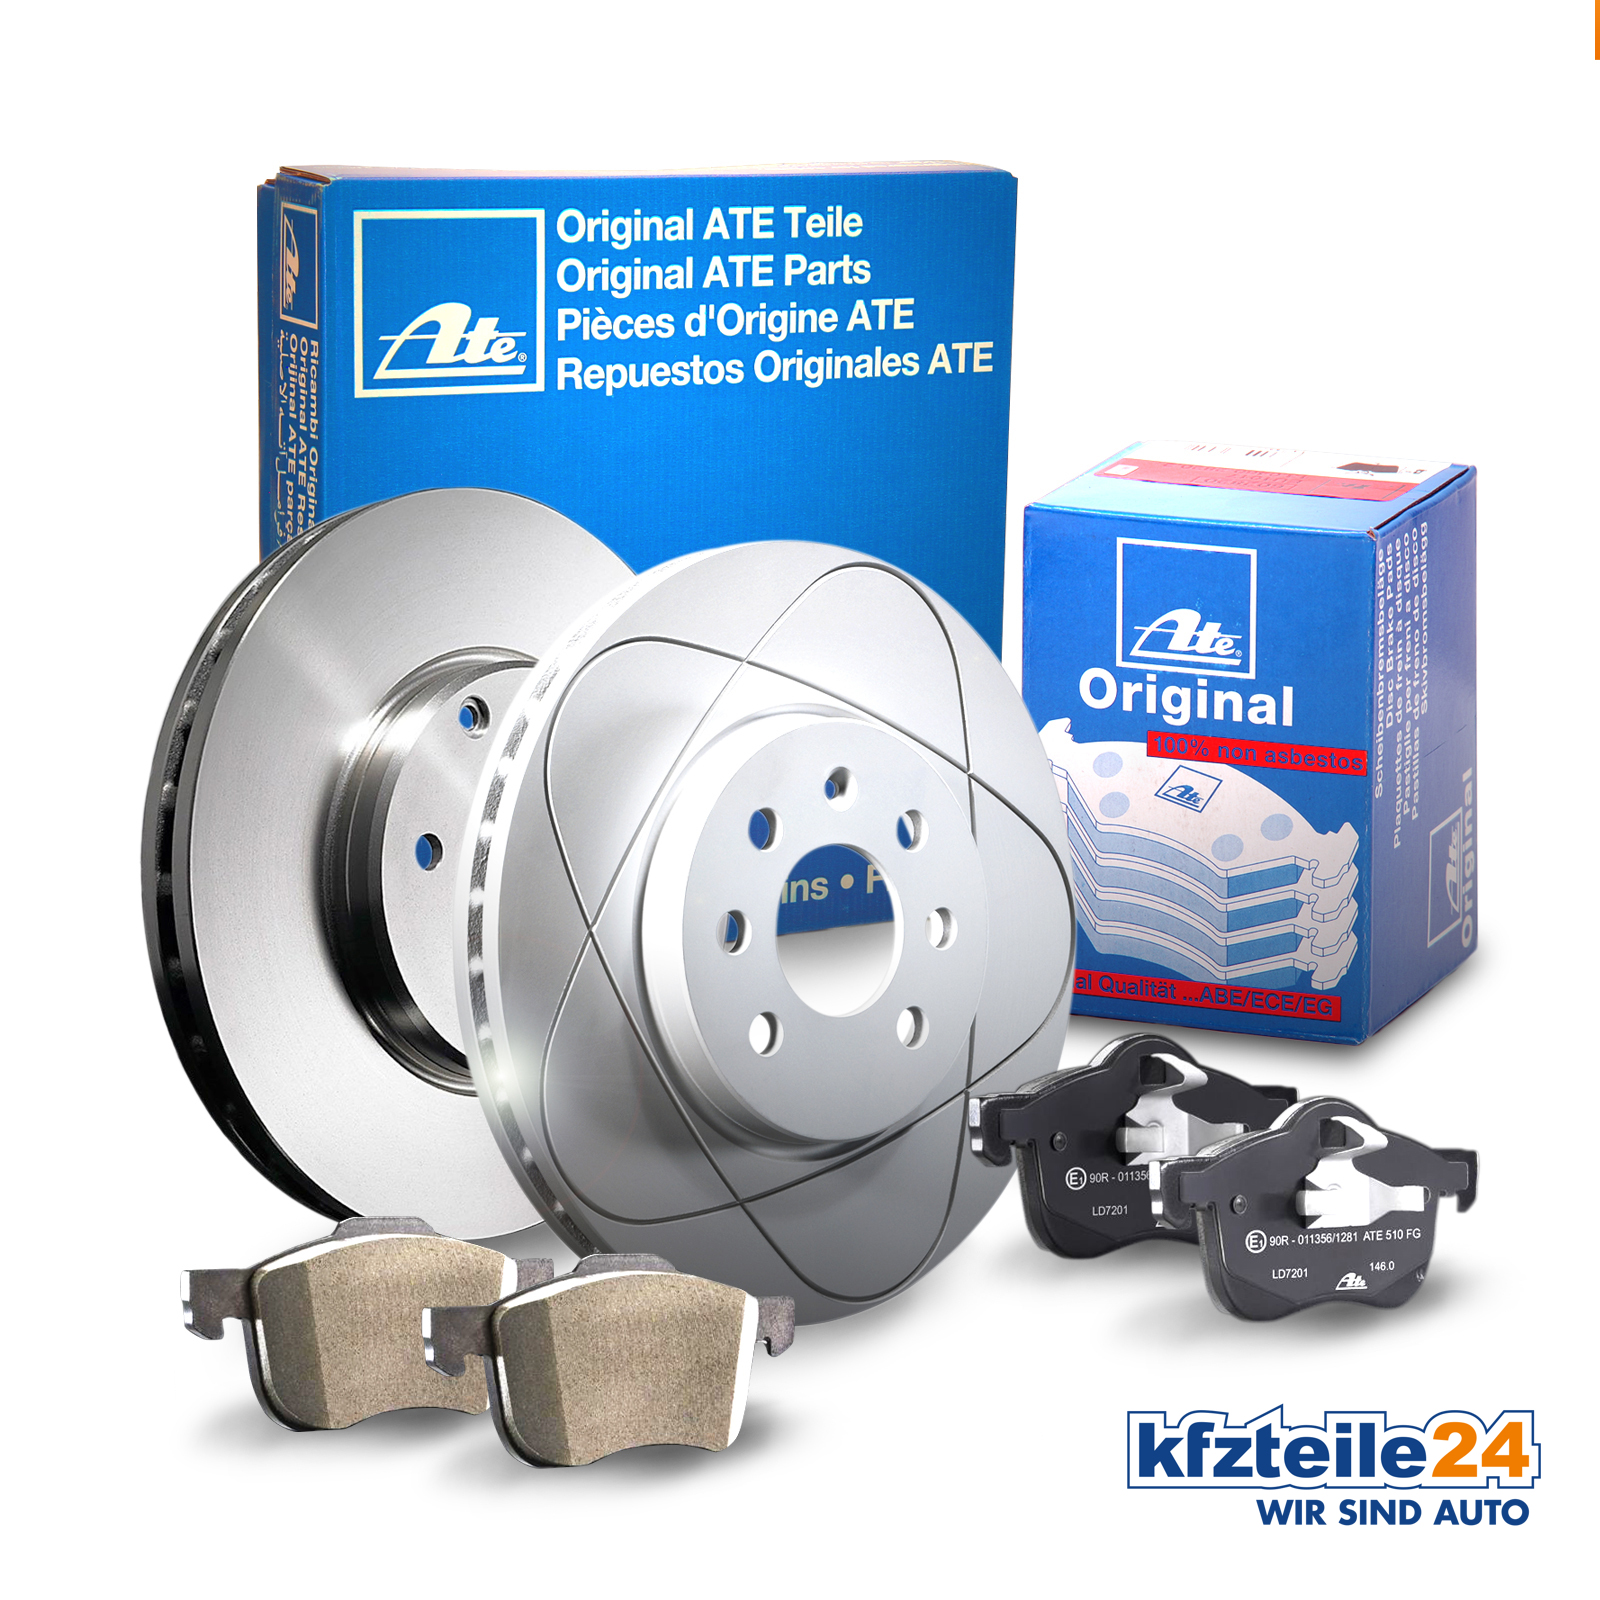 für VW Bremsbeläge Hinten u.a ATE2 Bremsscheiben Belüftet 310 mm